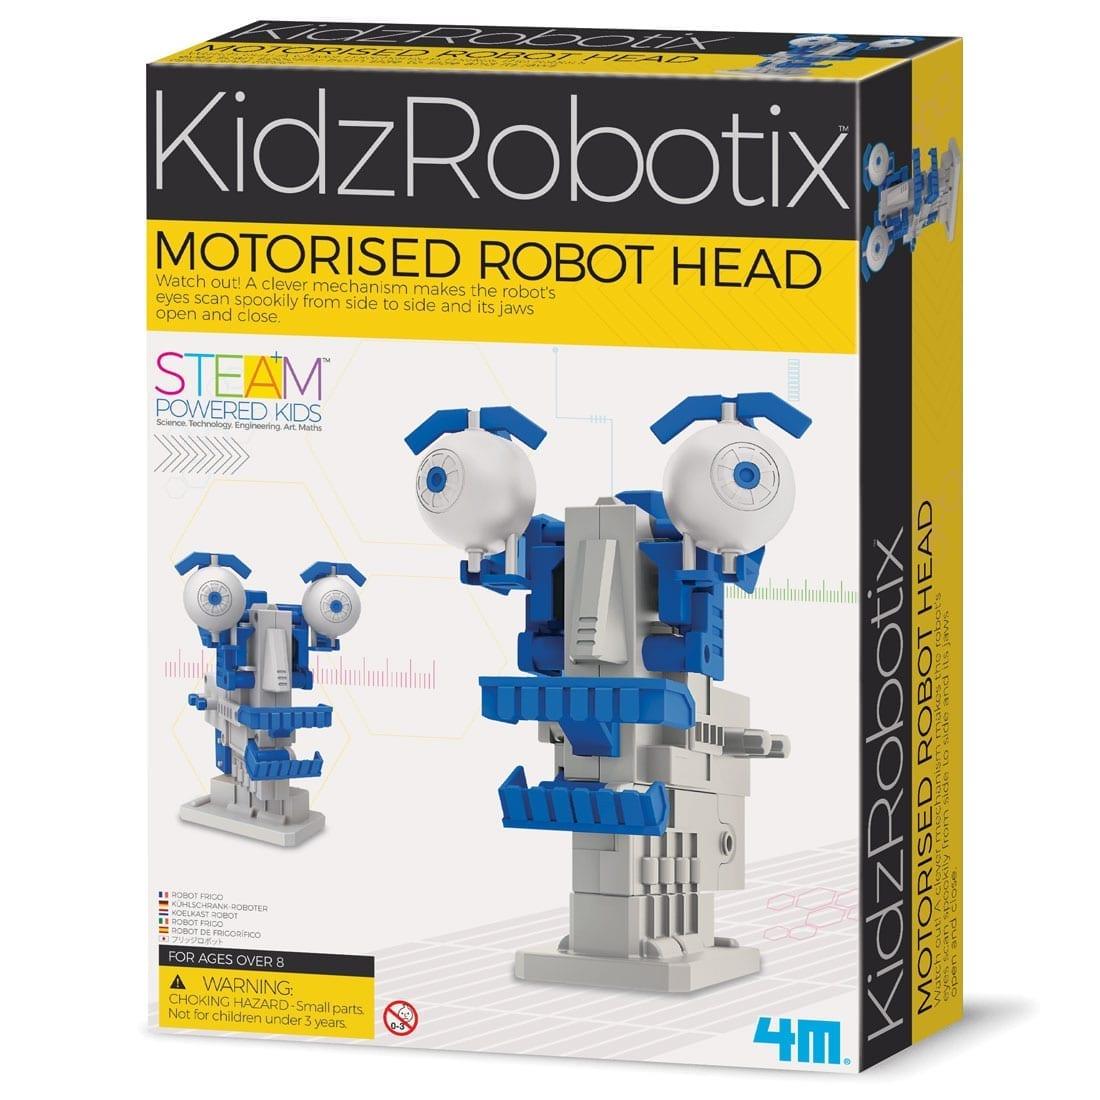 ערכת רובוטיקה לילדים בניה עצמית ראש רובוטי ממונע